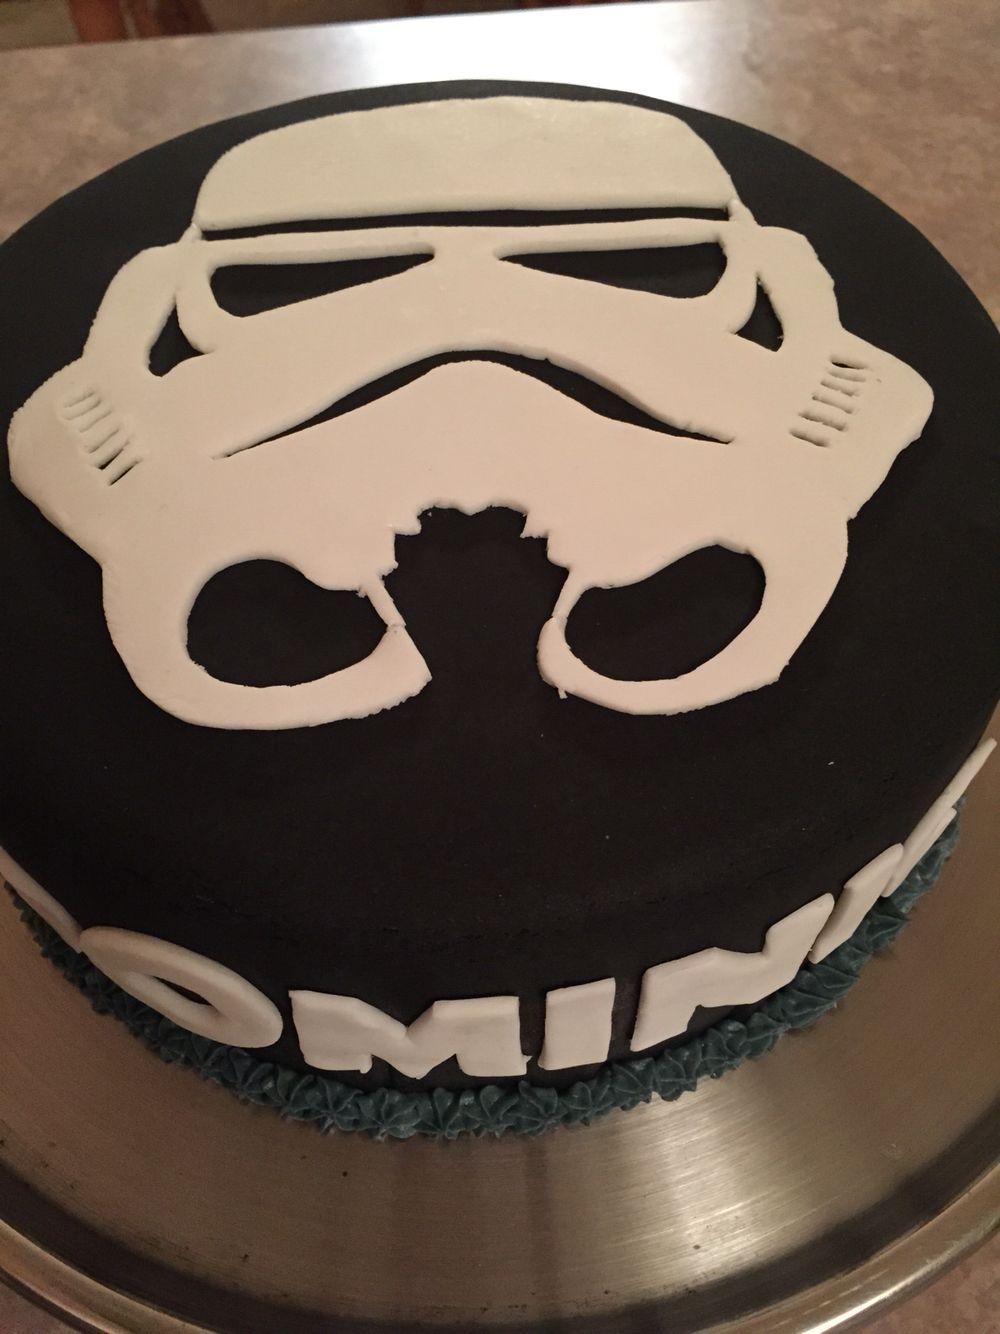 Clone Trooper Cake Design